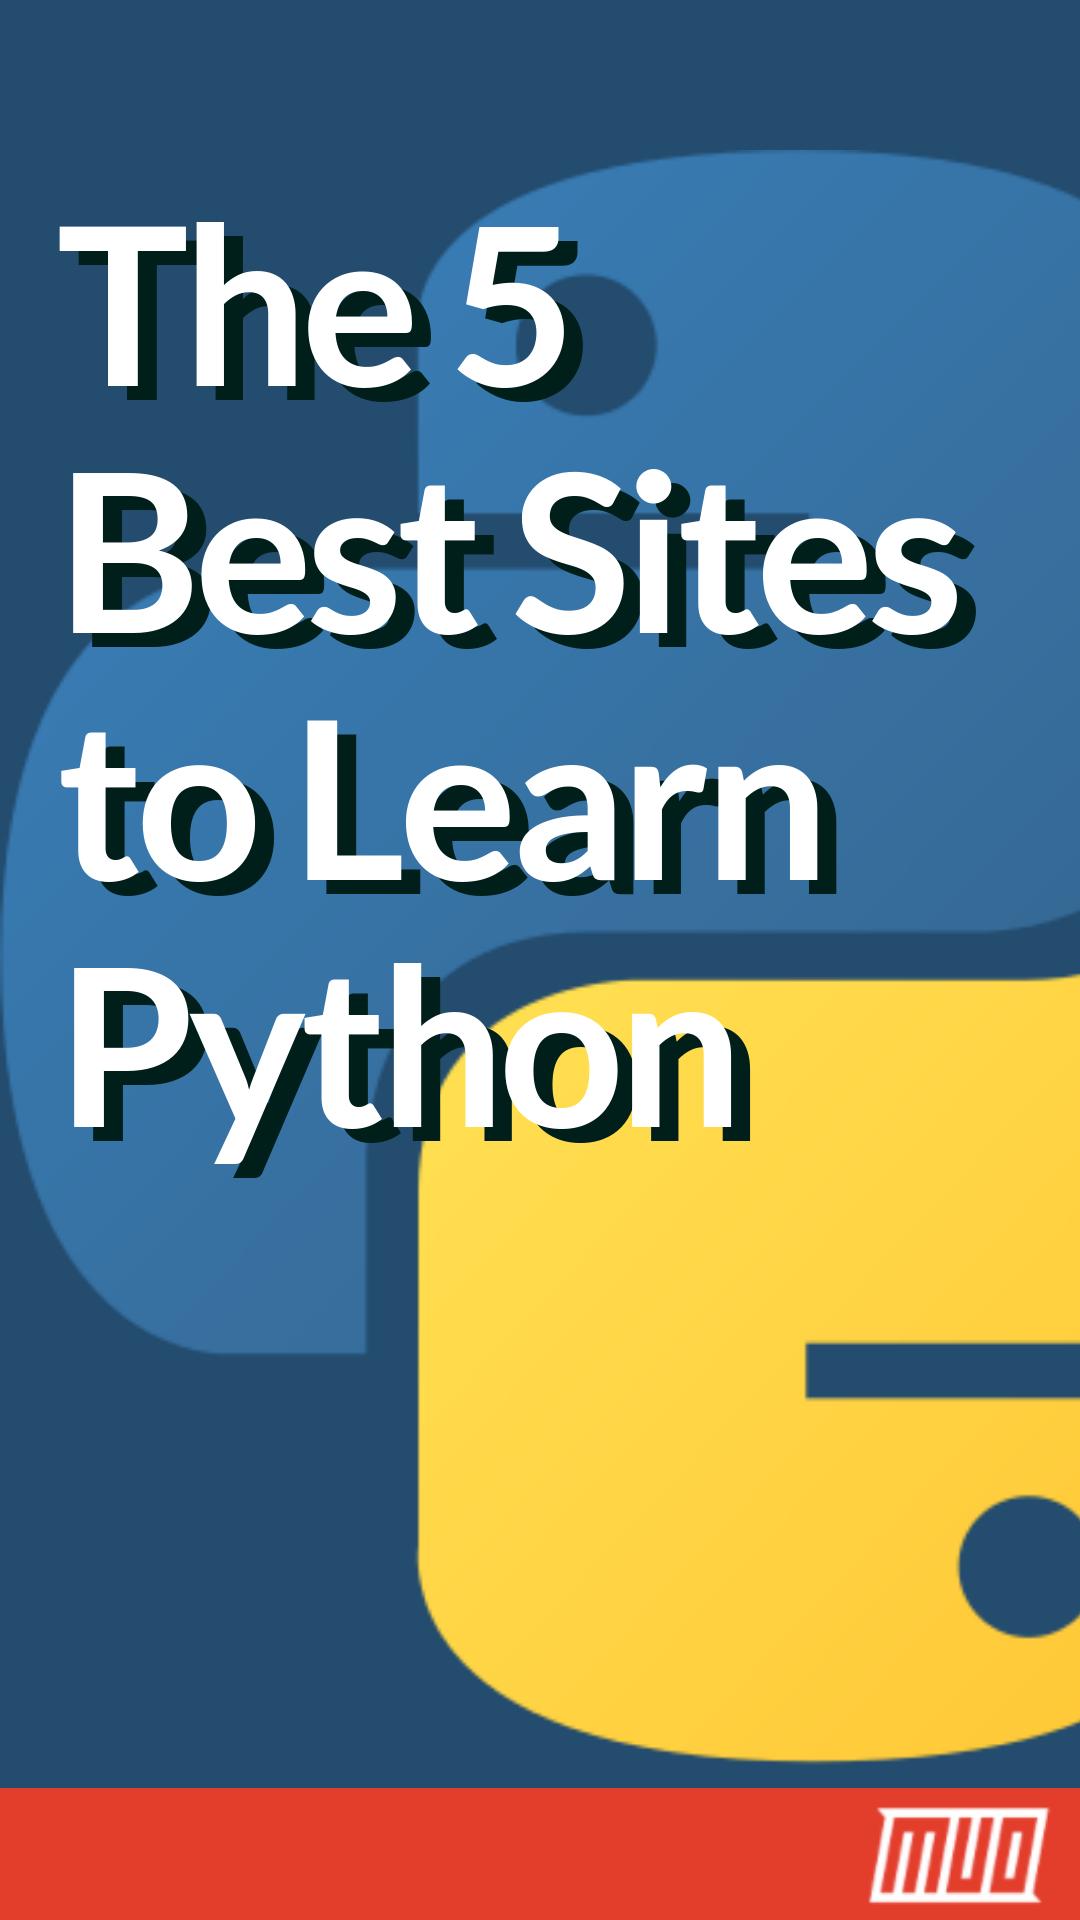 Die 5 besten Websites zum Erlernen der Python-Programmierung